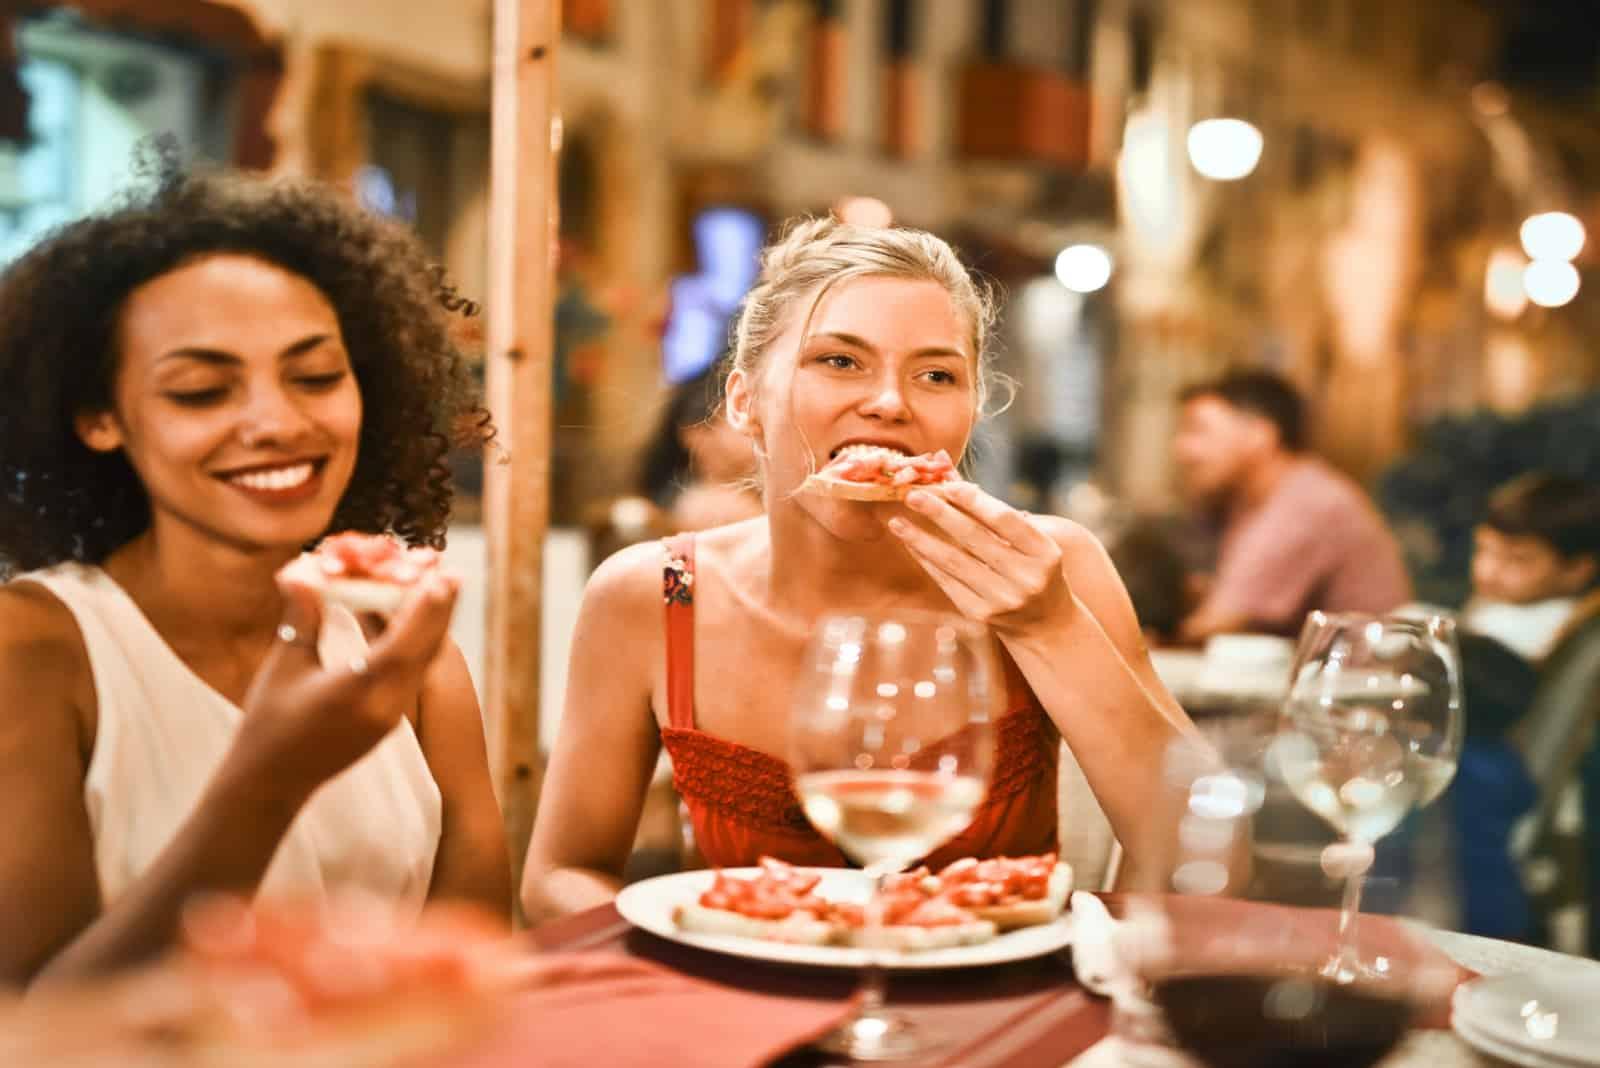 deux femmes en train de manger dans un restaurant